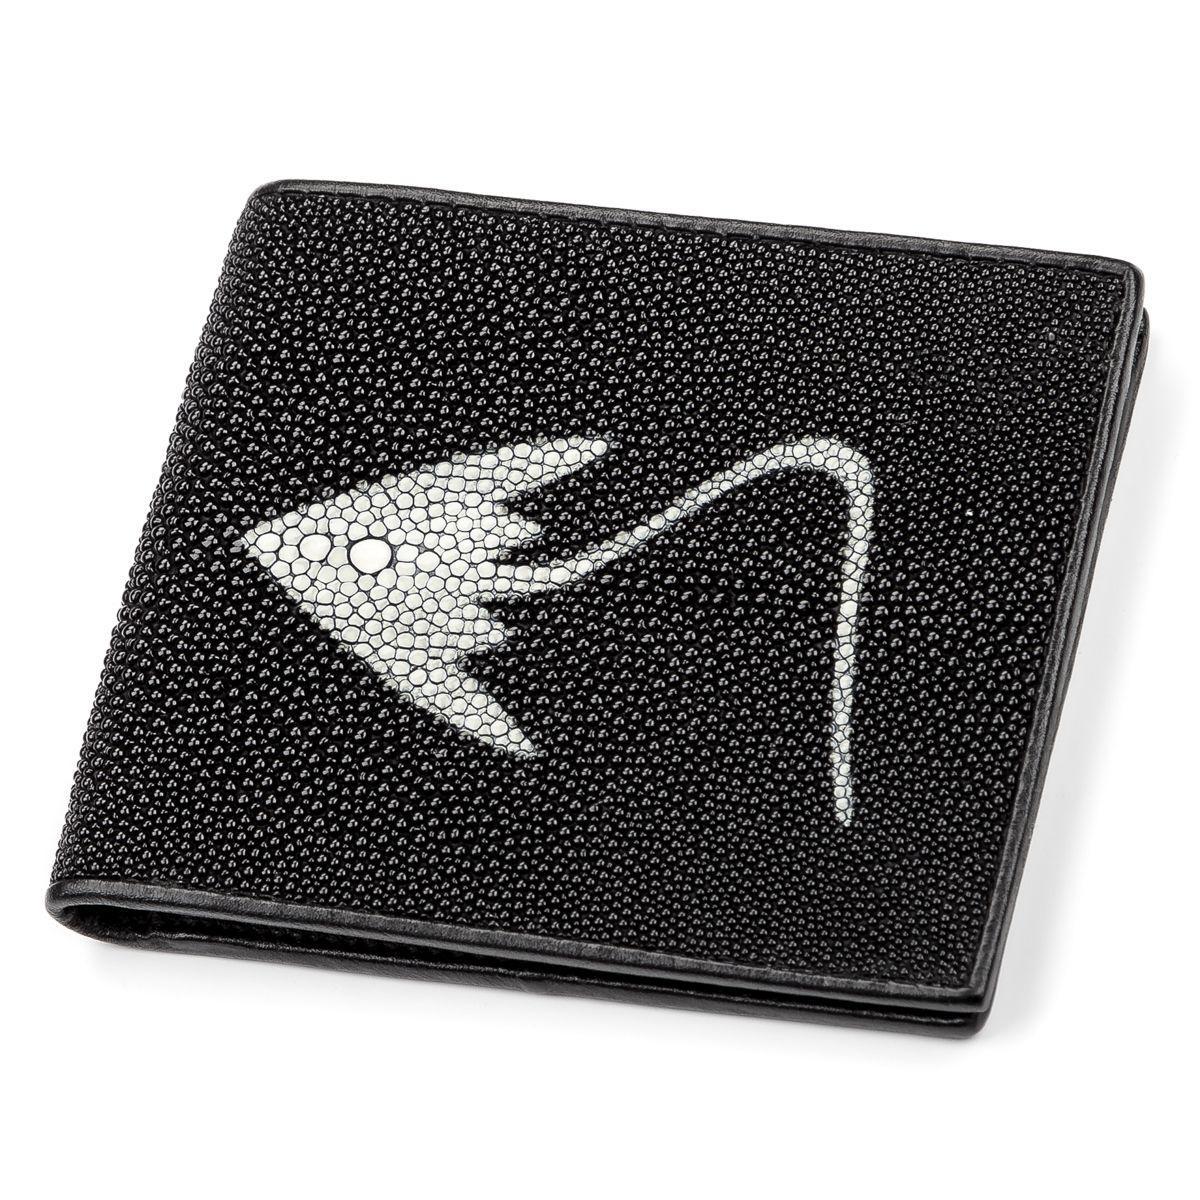 Портмоне мужское Ekzotic Leather  из натуральной кожи морского ската Черное